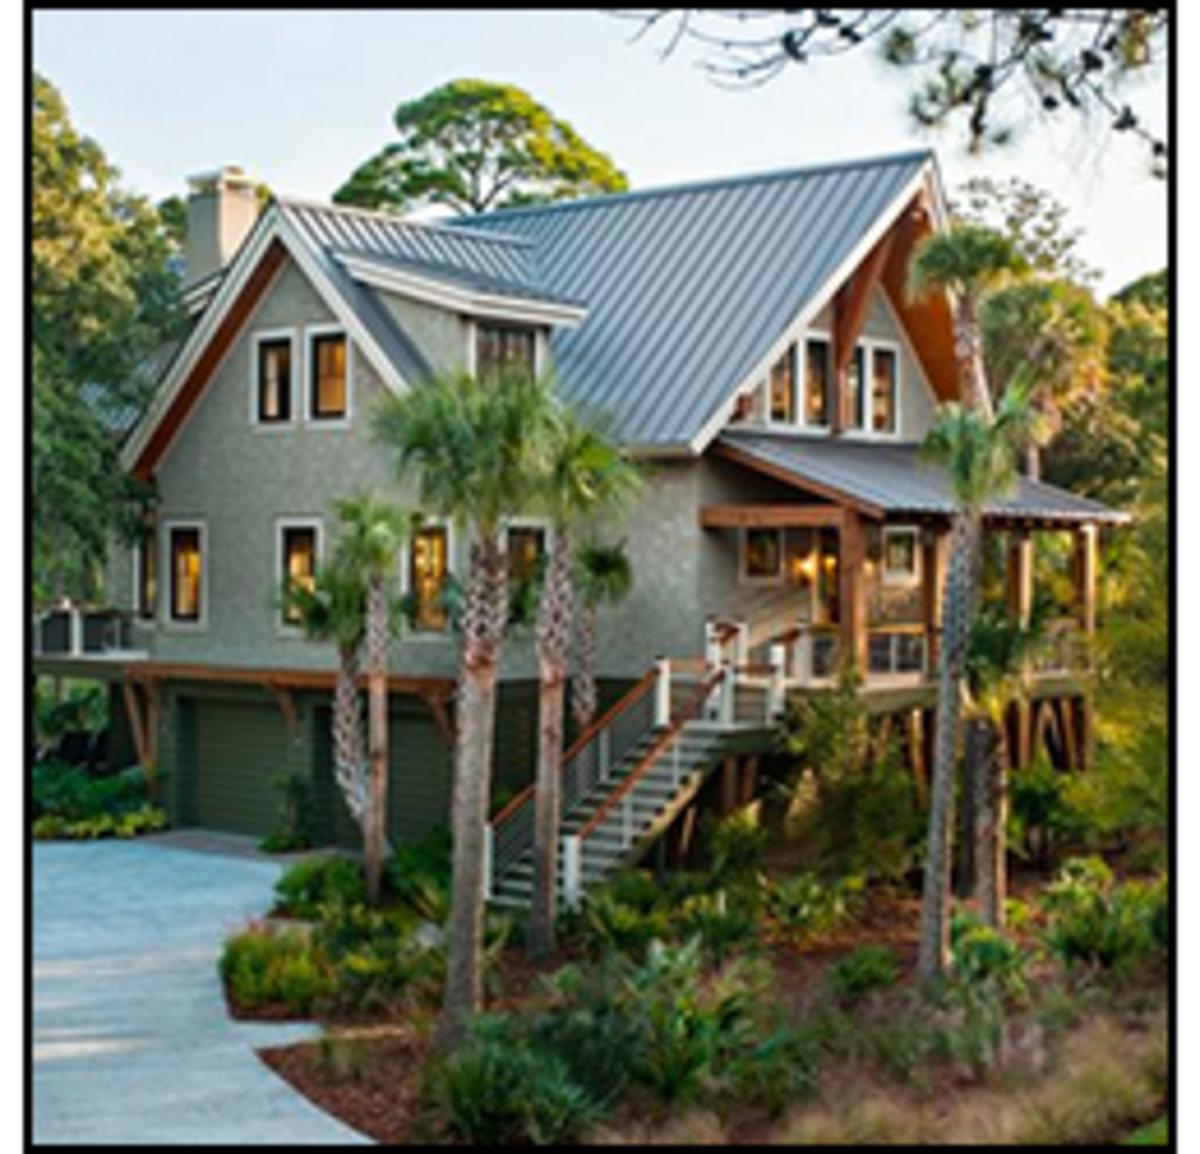 Hgtv Home Design Ideas: The 2013 HGTV Dream Home